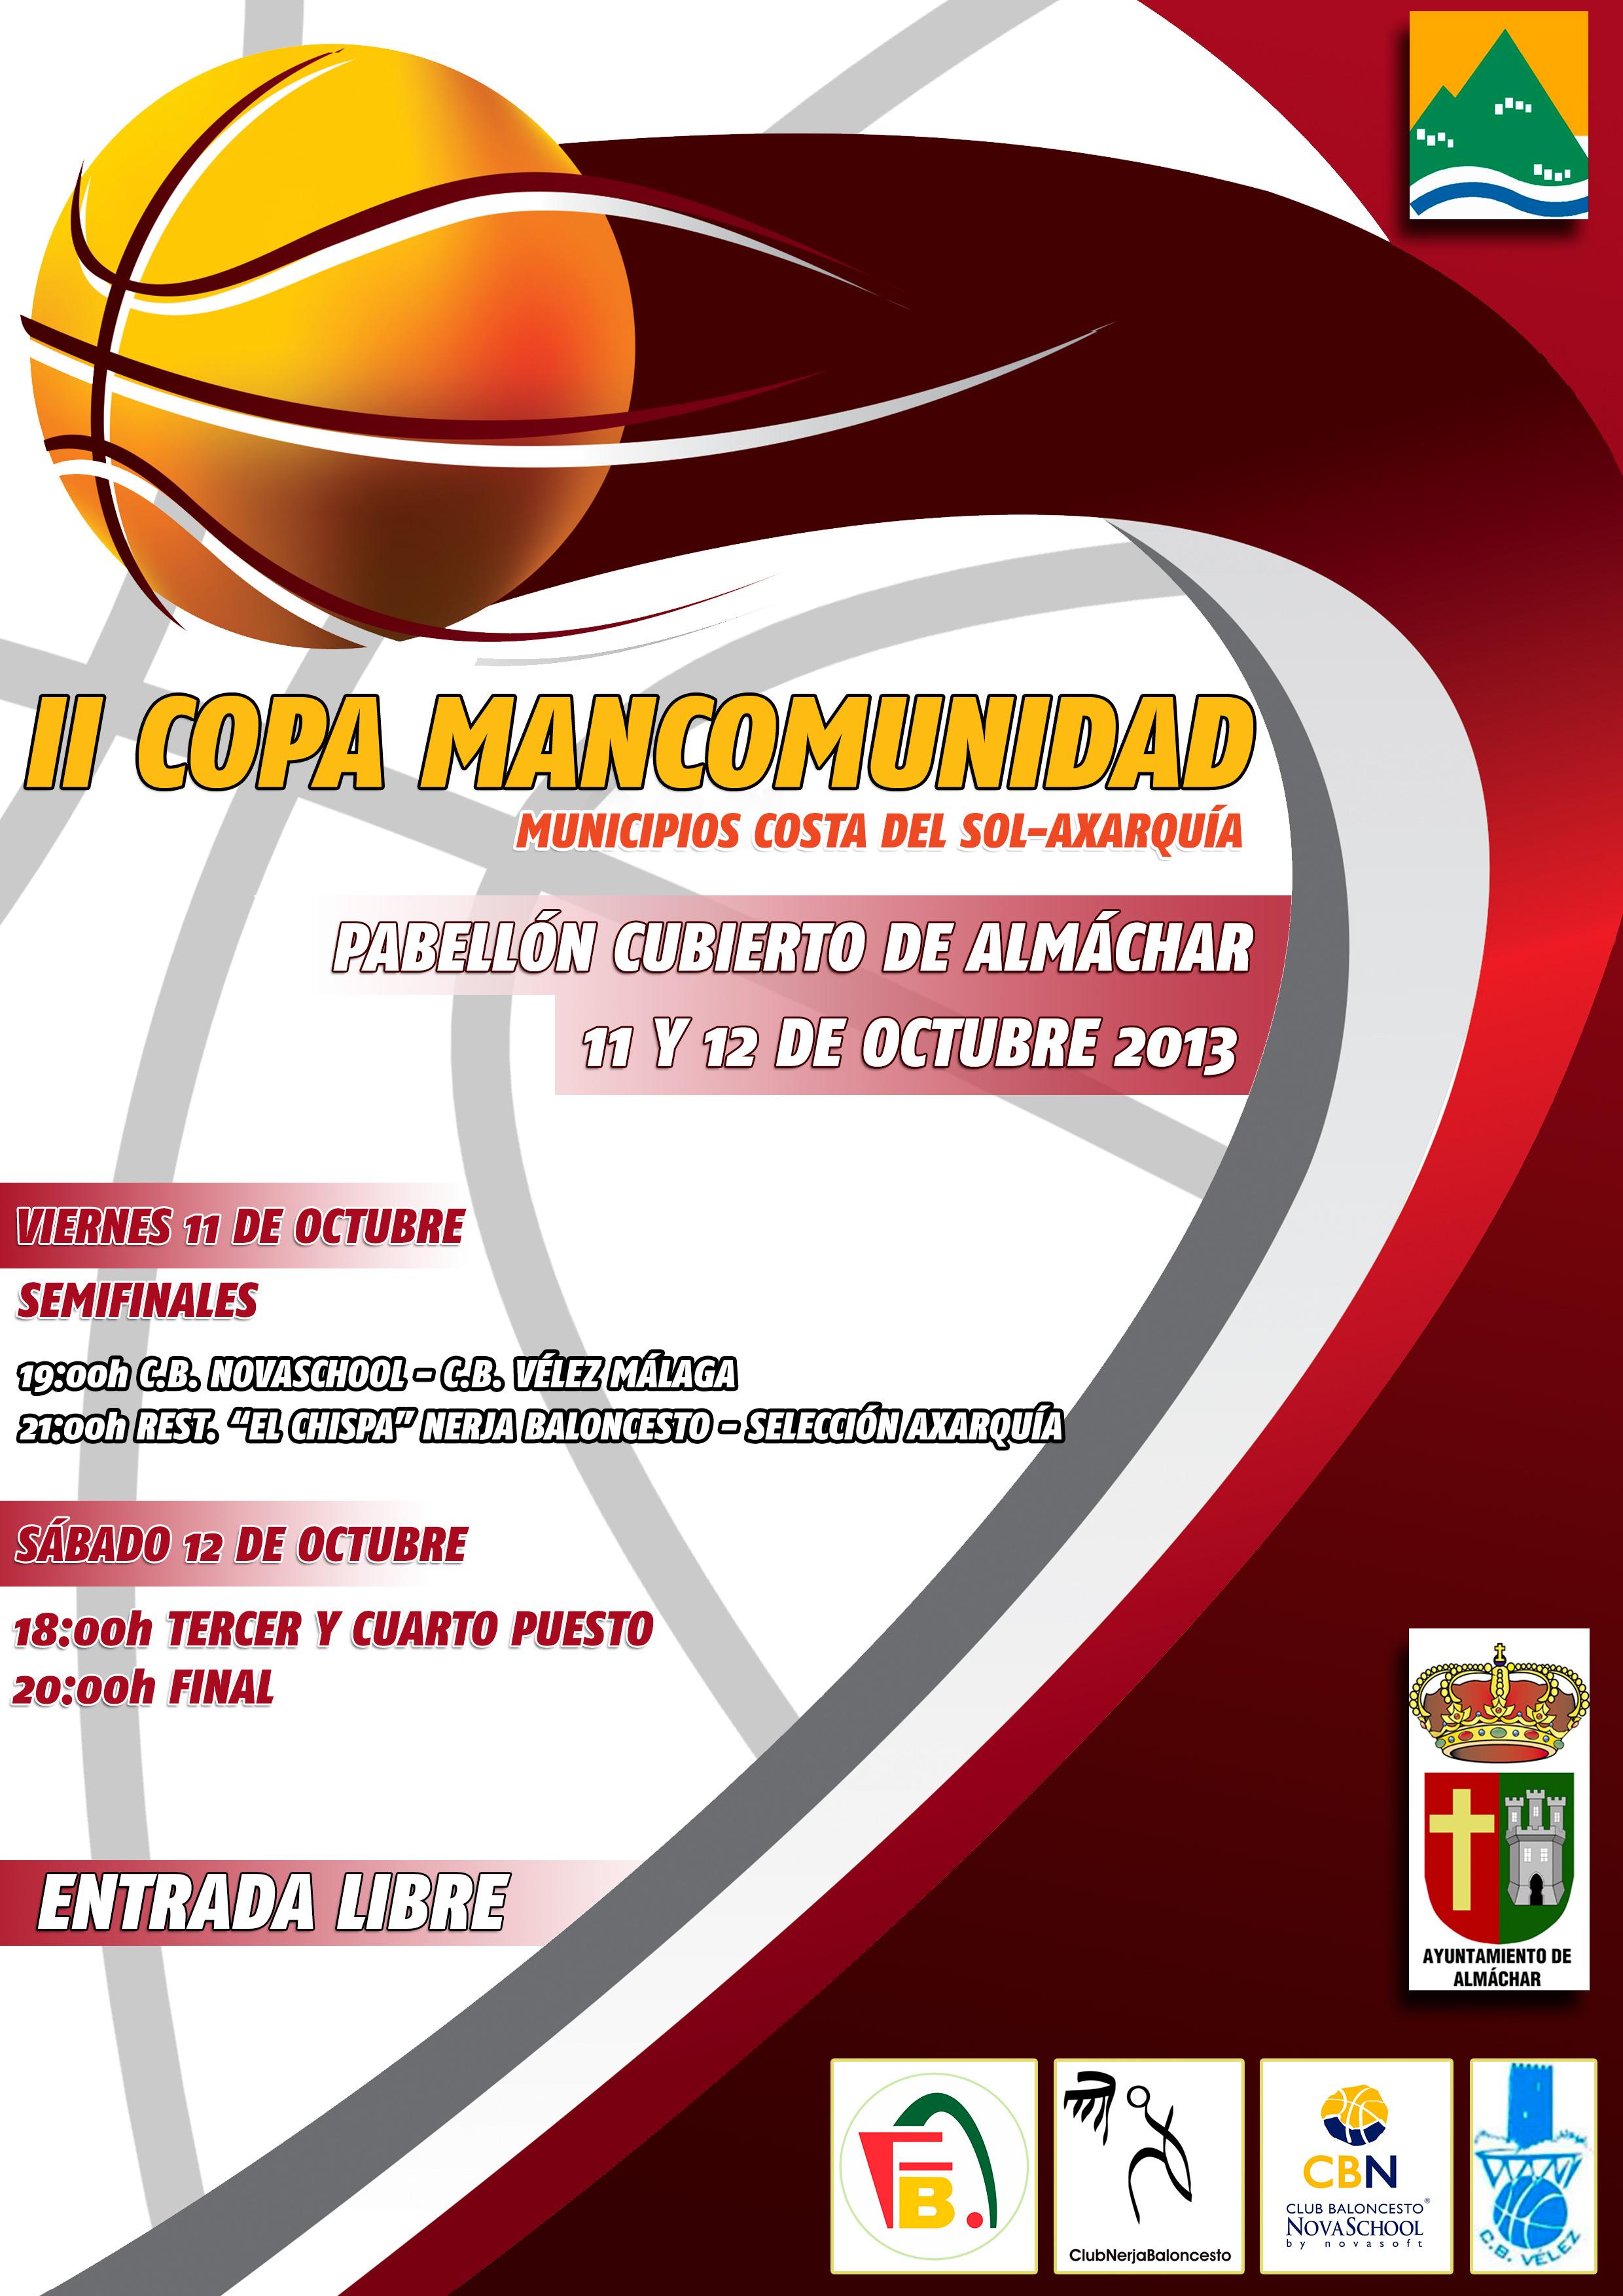 Cartel_II_copa-mancomunidad-de-baloncesto